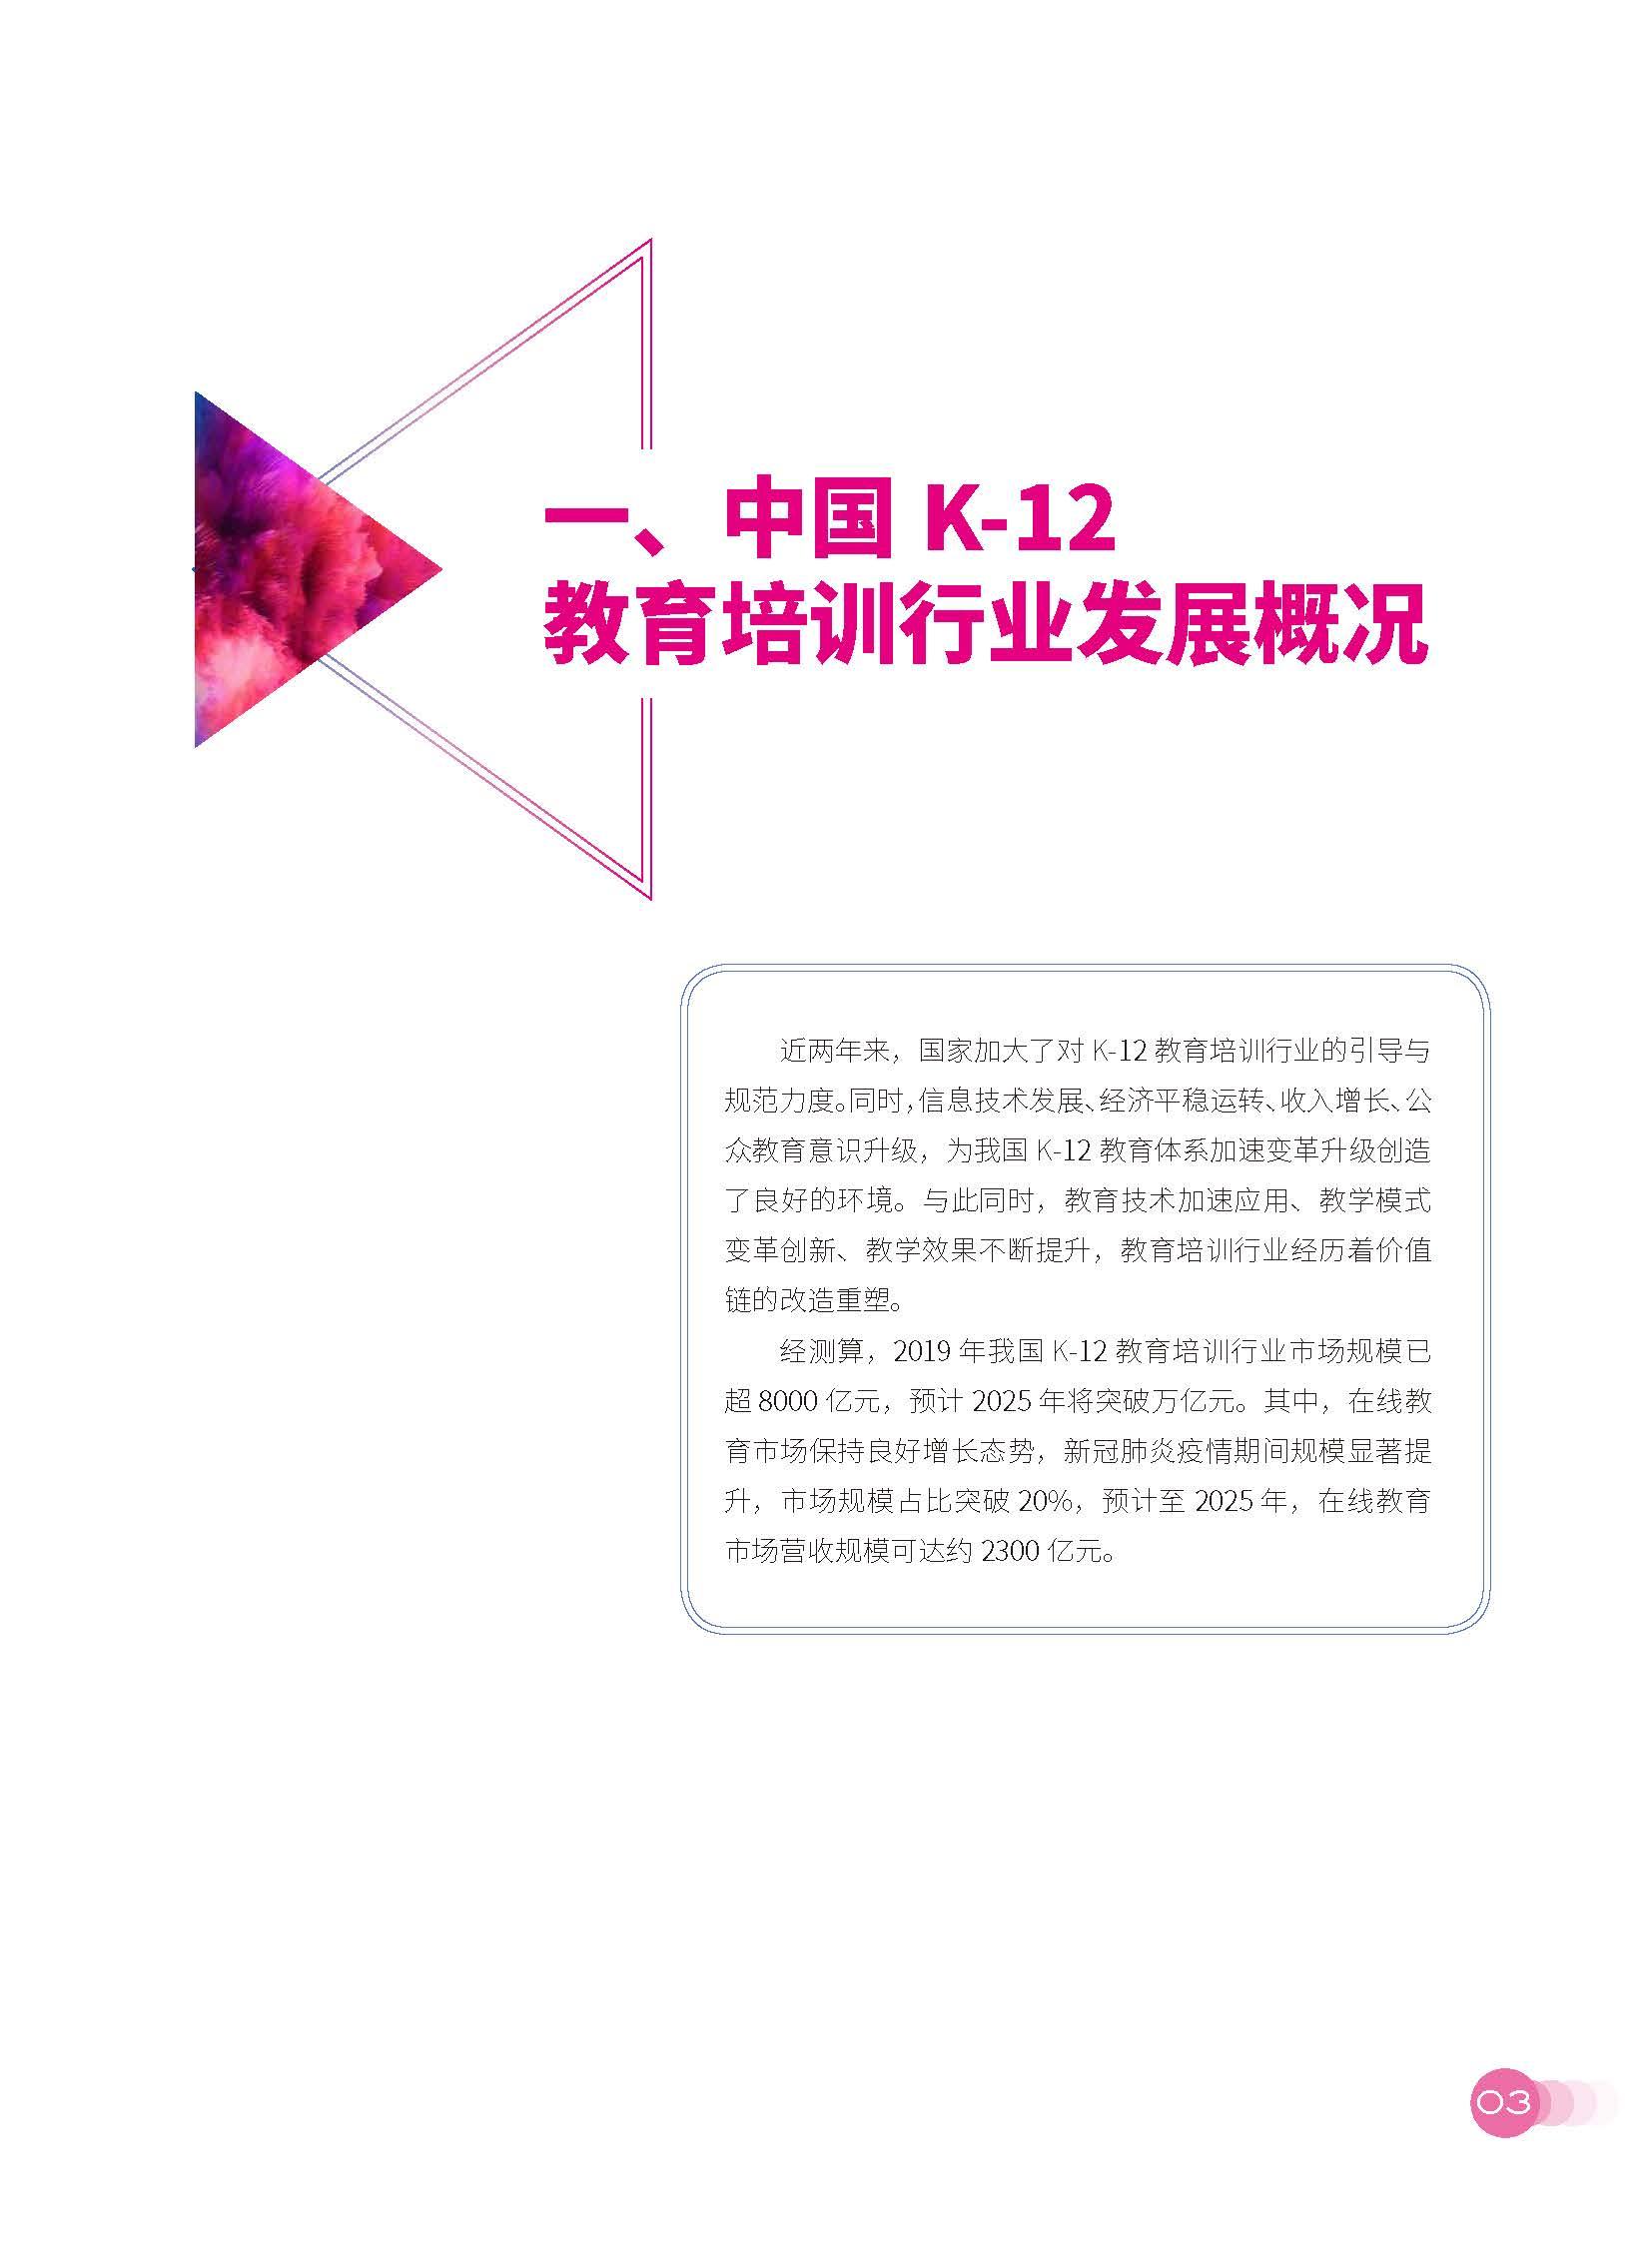 中国教育科学研究院:2020中国K~12教育培训To B市场发展报告(56页)_页面_06.jpg